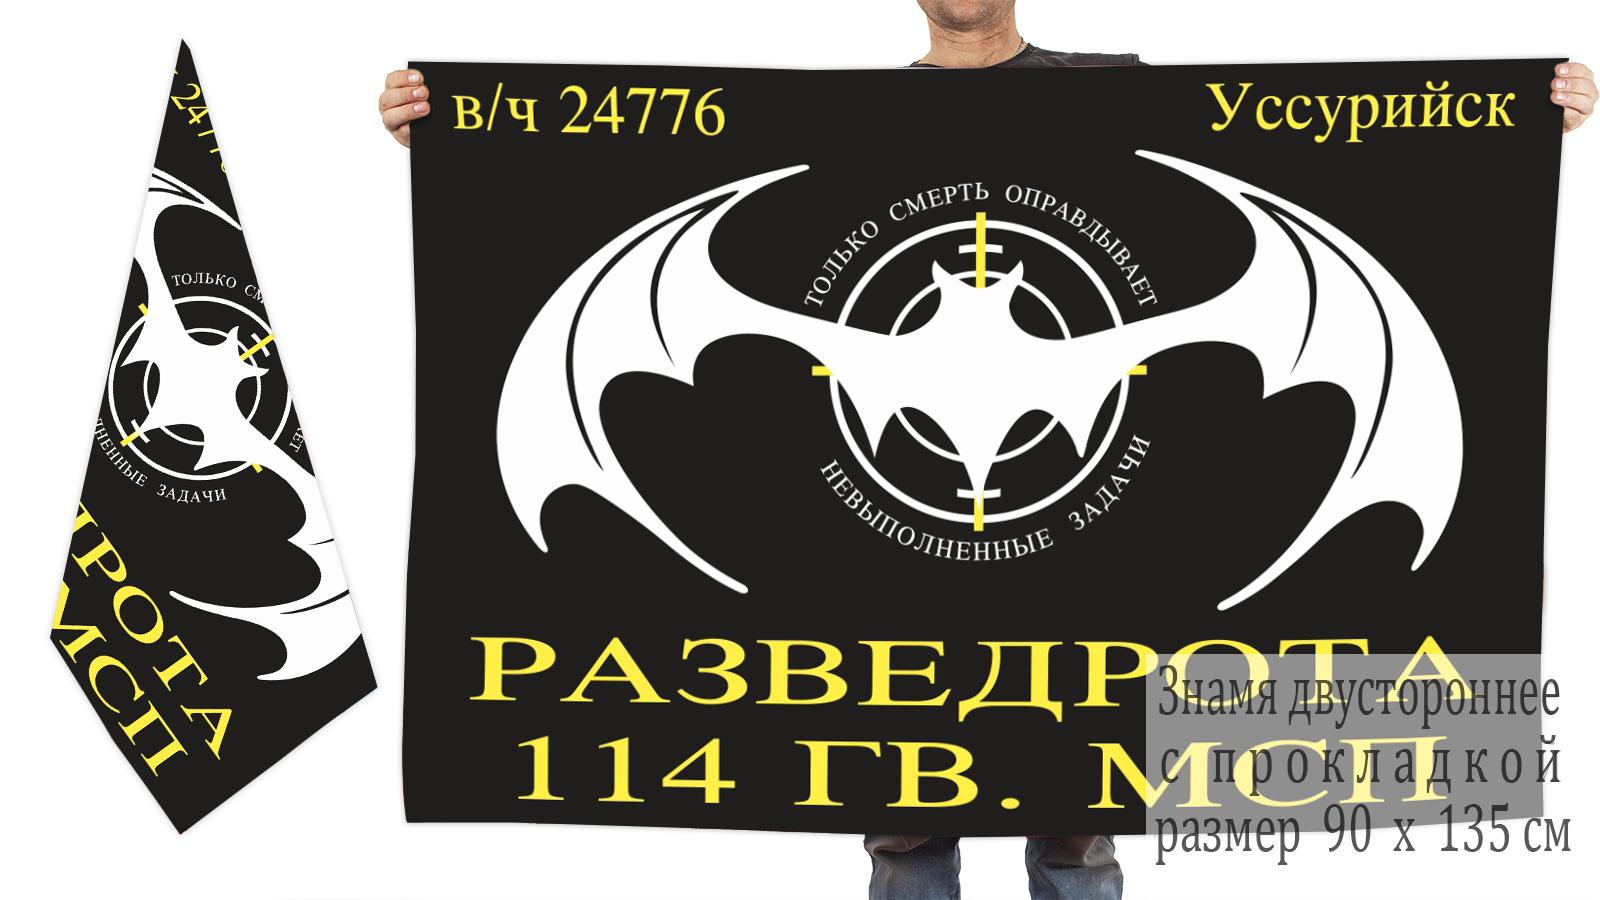 Двусторонний флаг Разведроты 114 Гв. МСП